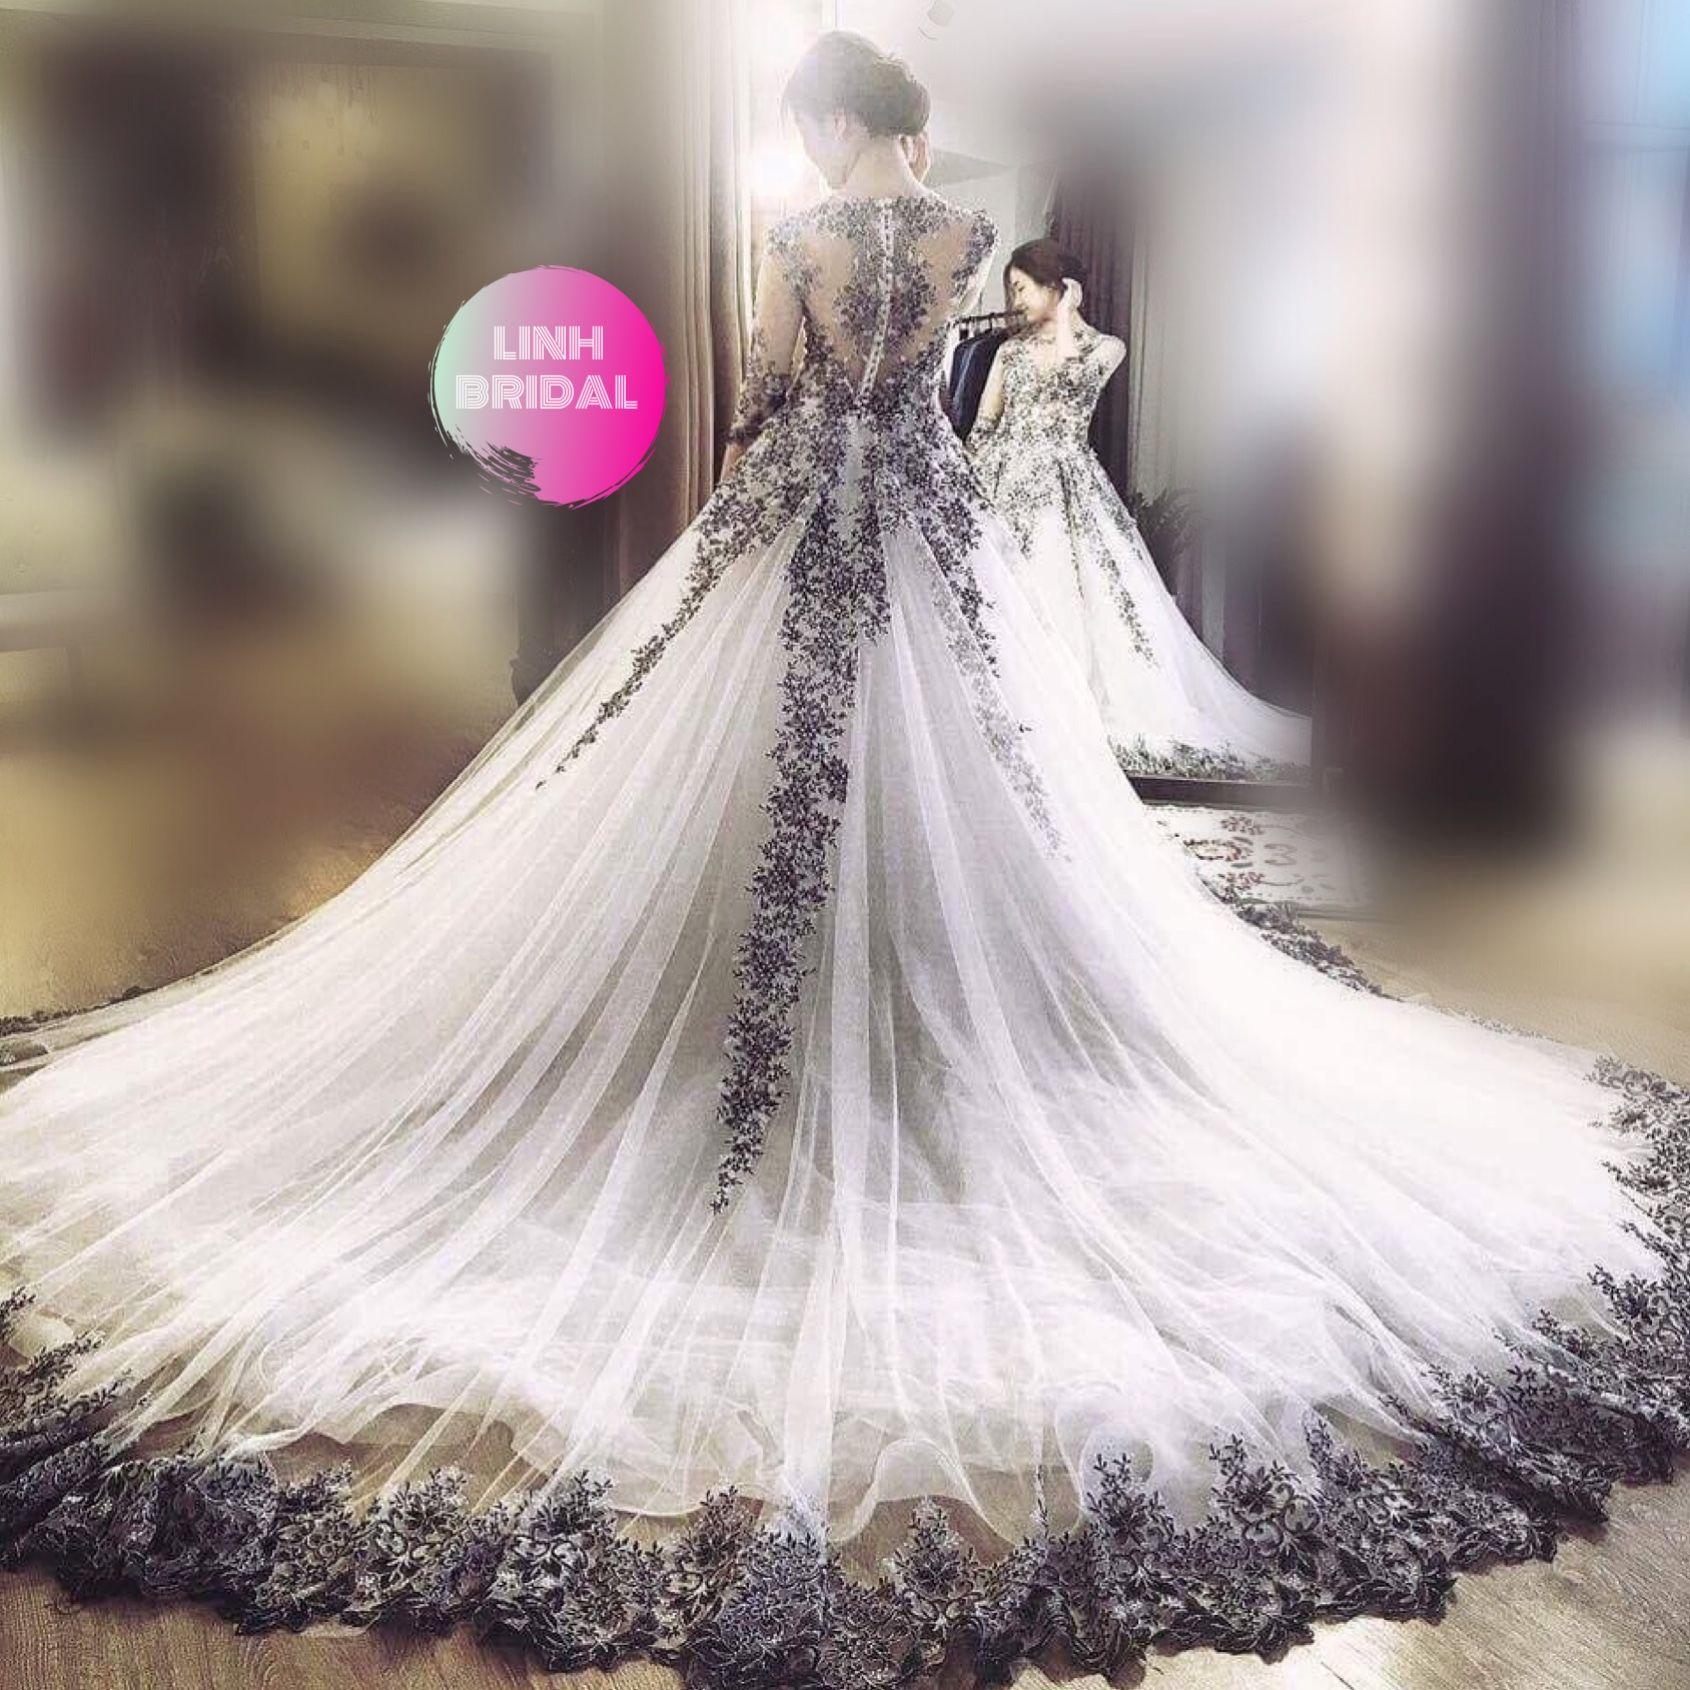 Unique Lace Wedding Dress Lace Ballgown Style Wedding Dress Lace Sleeveless Wedding Dress